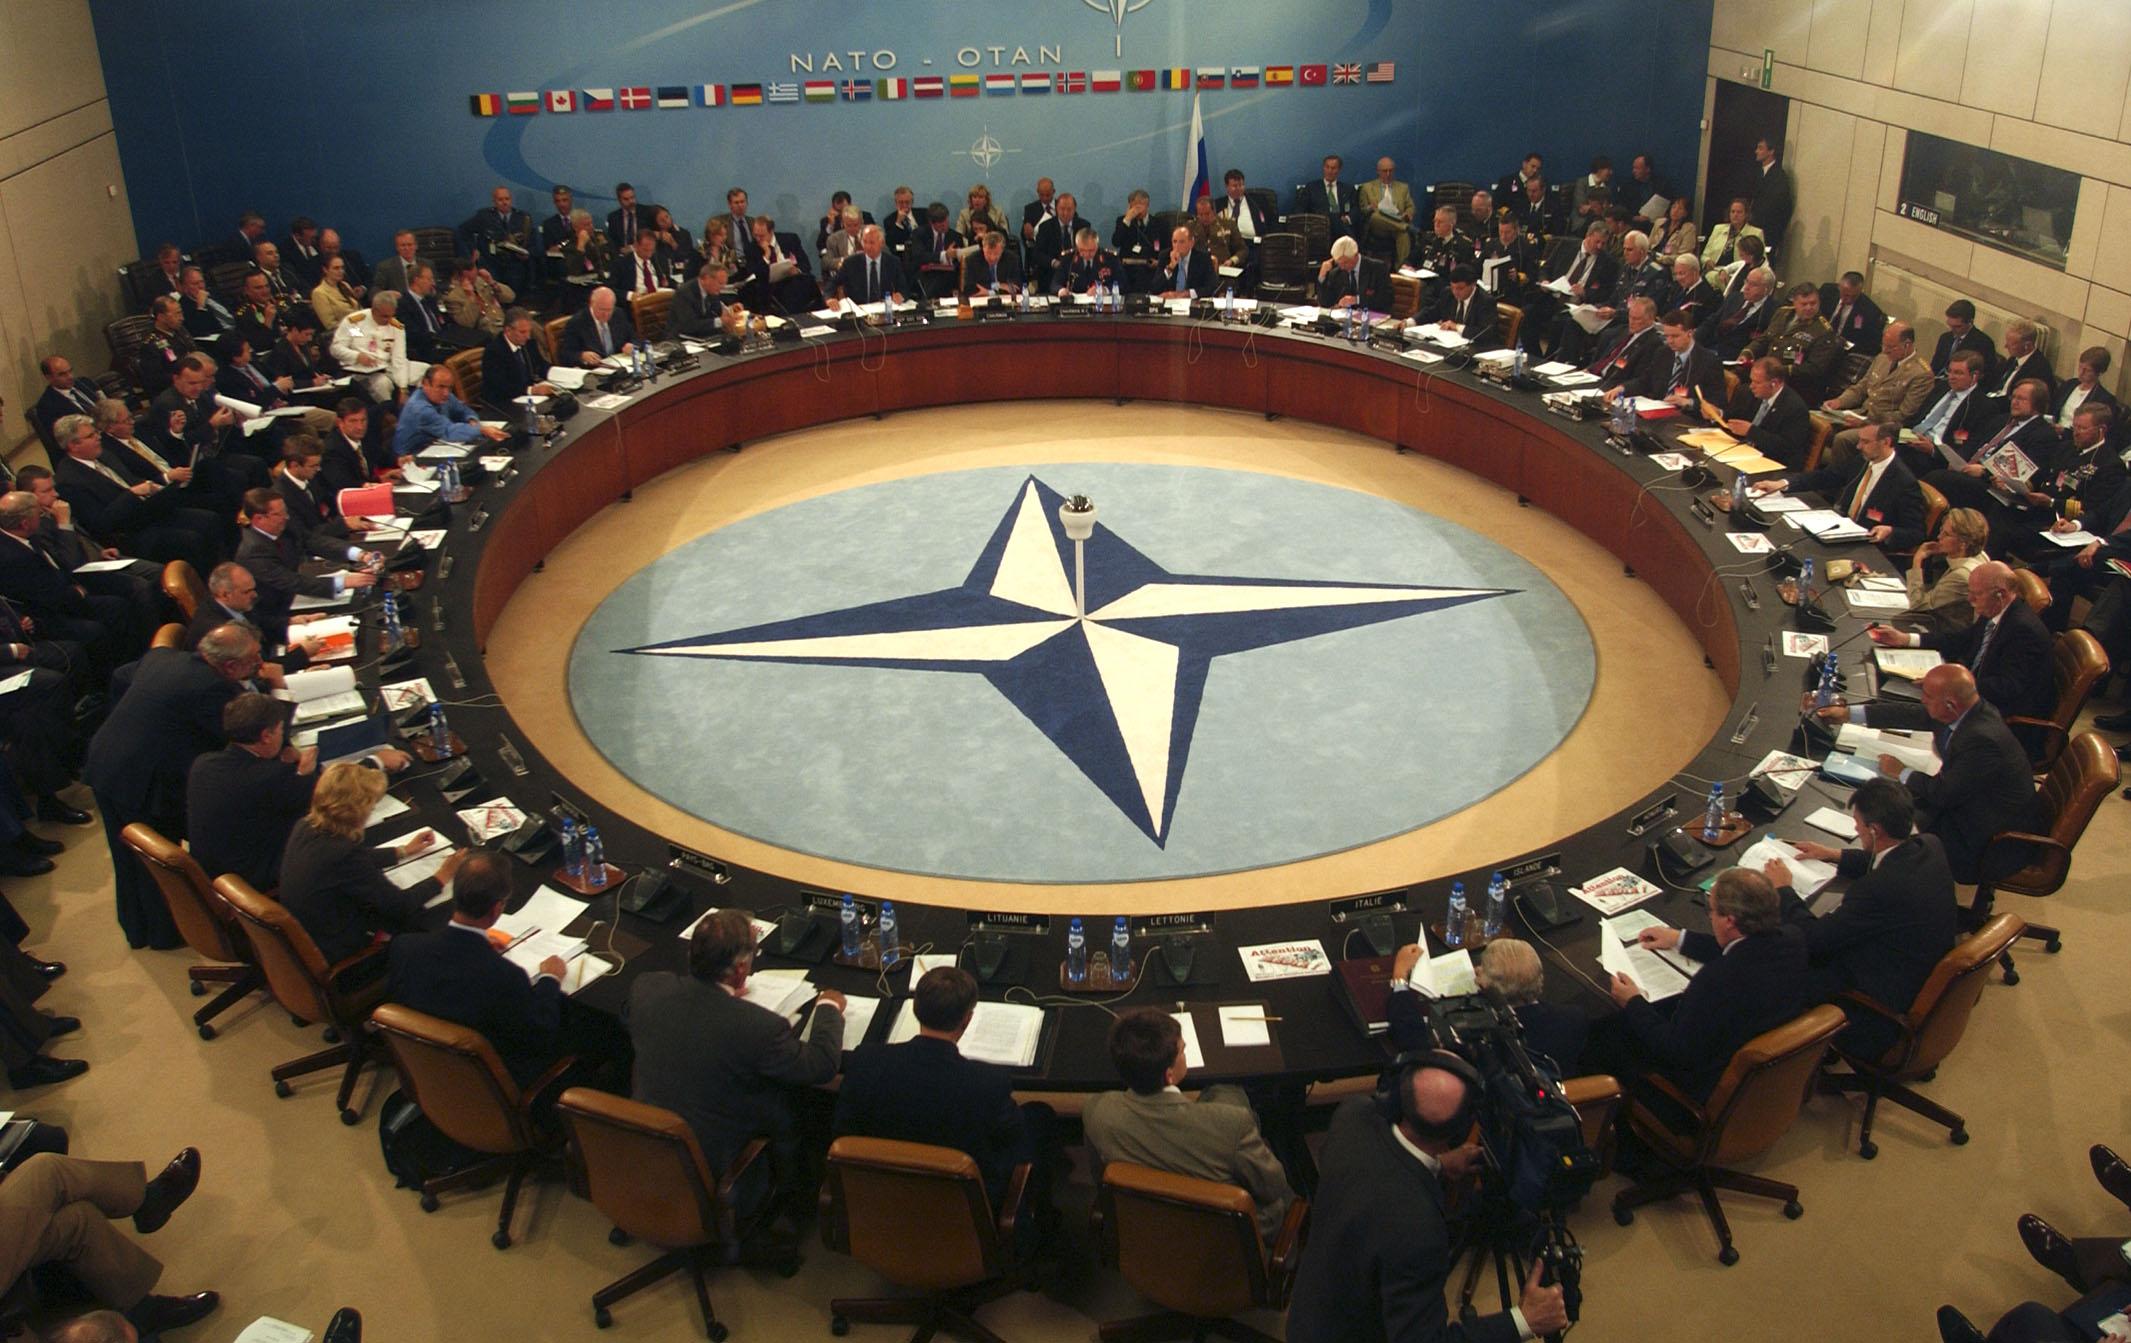 گسست در ناتو با پیمان جدید نظامی اروپا